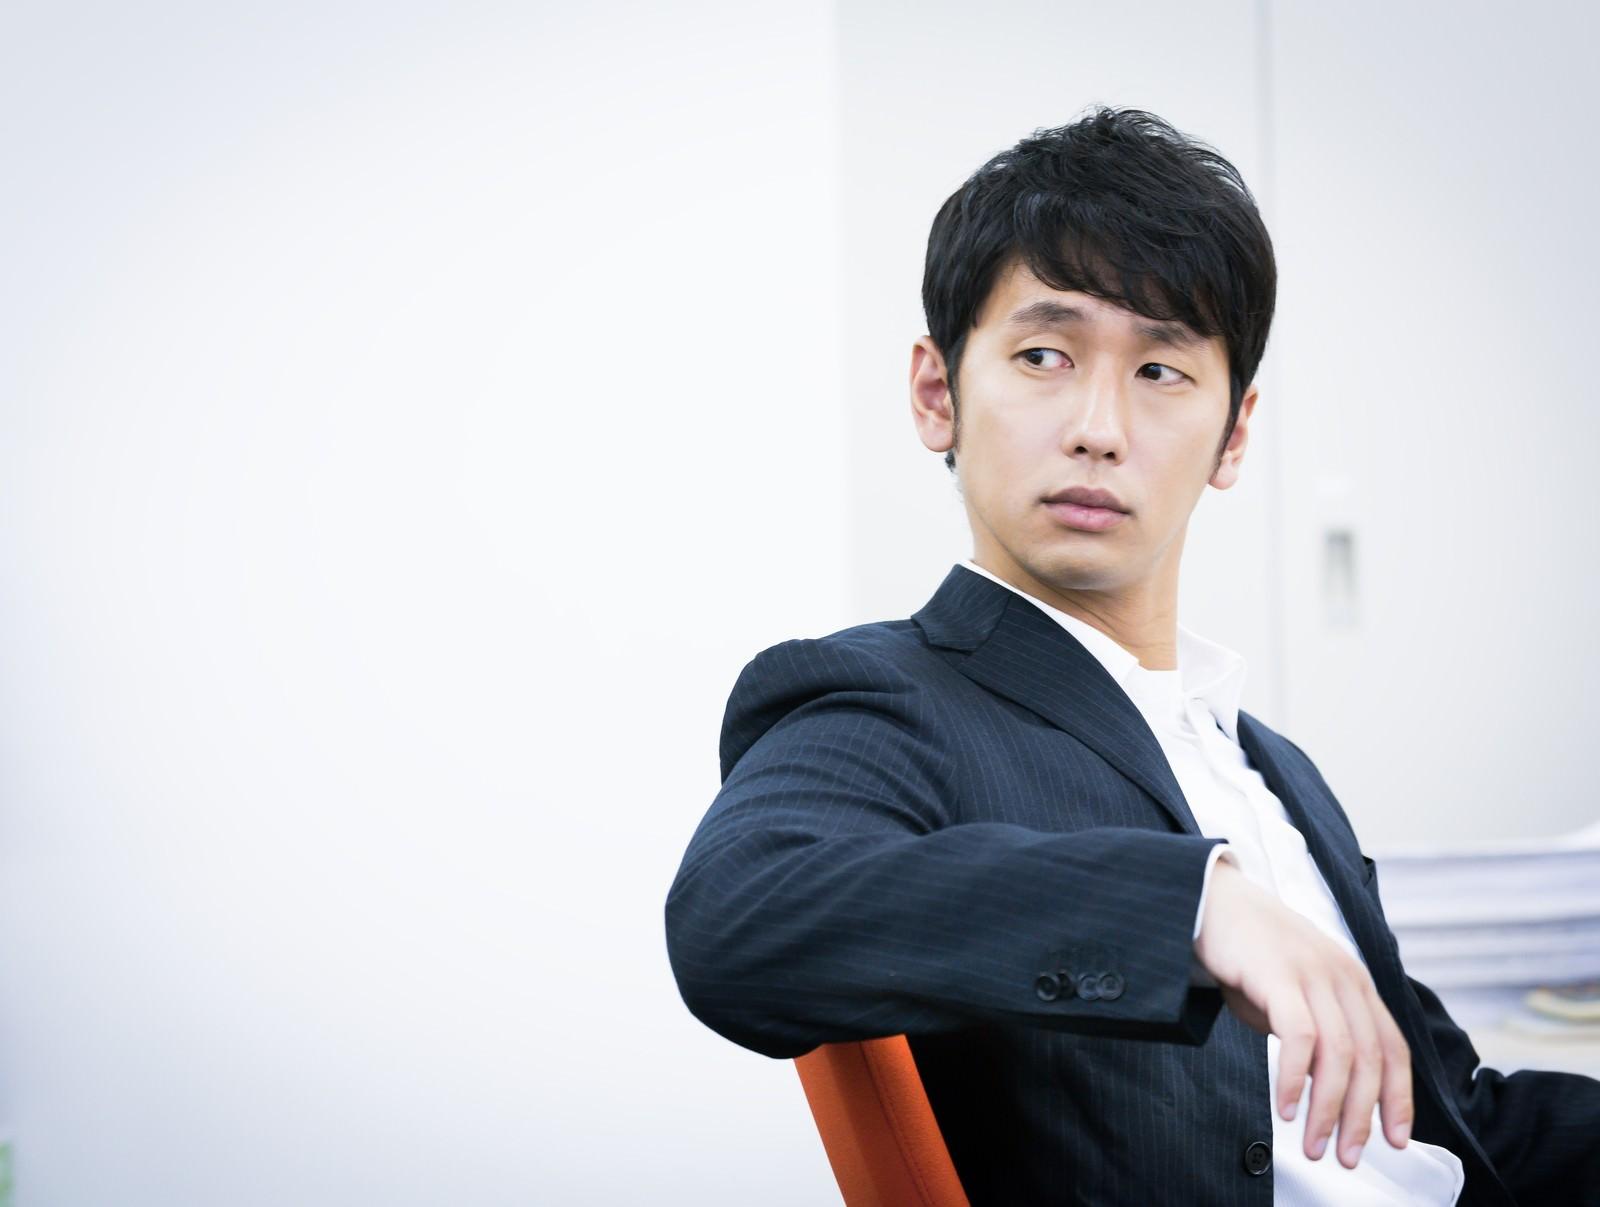 「「今日はノーネクタイたい」と言いながら振り返る九州出身の男性」の写真[モデル:大川竜弥]